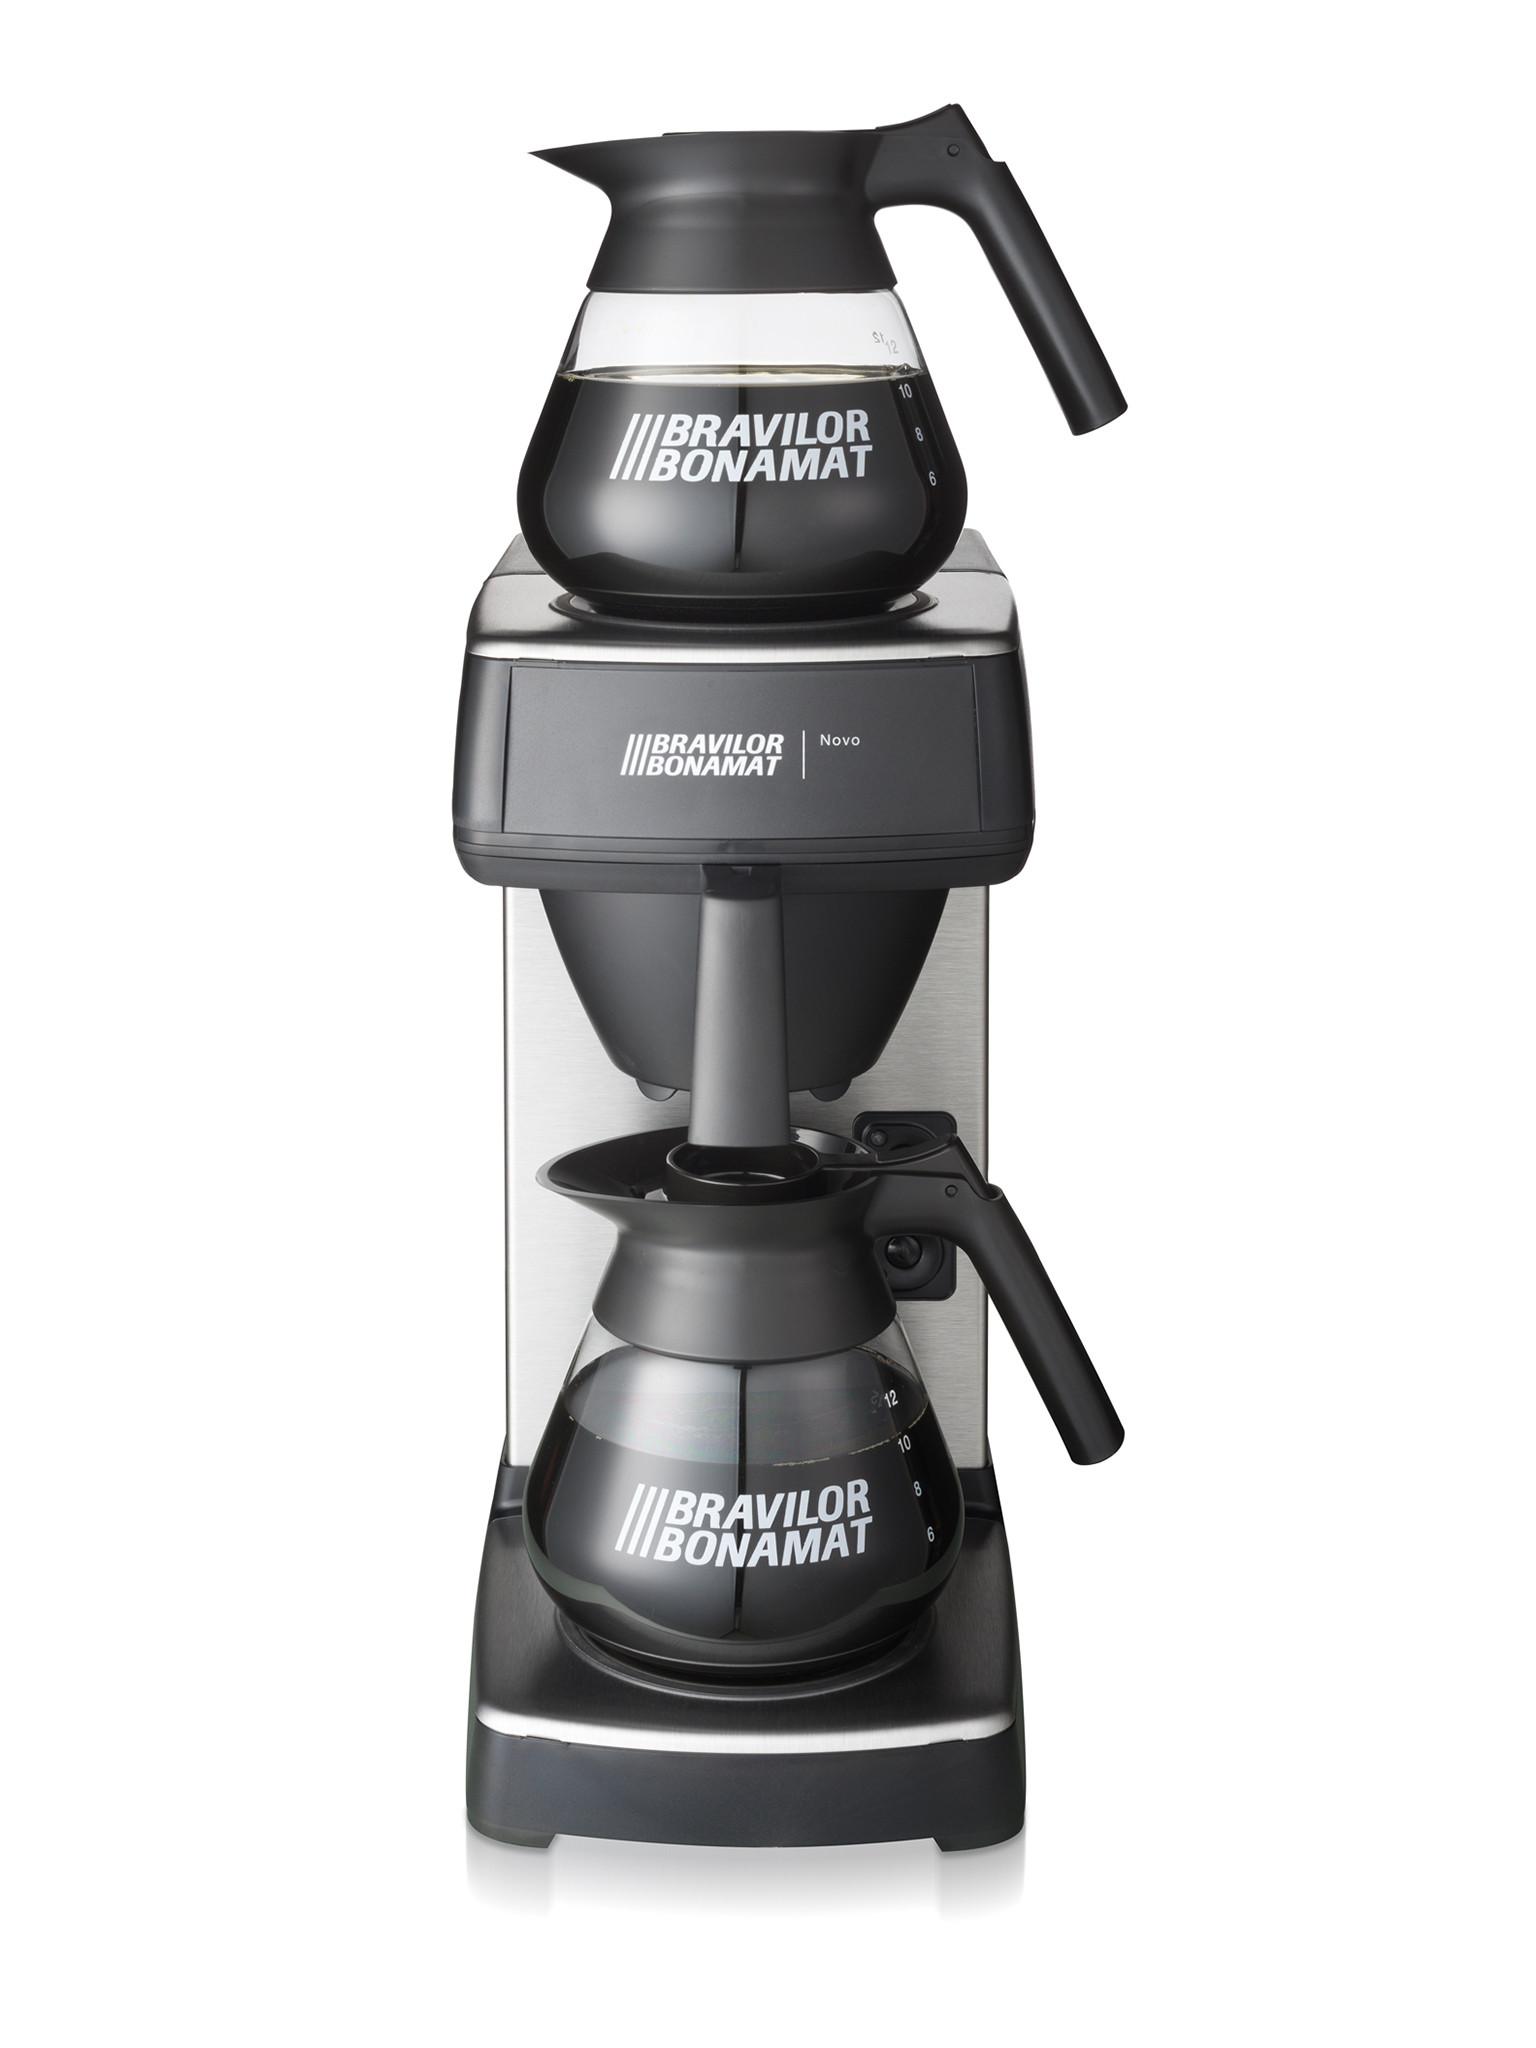 Snelfiltermachine - Novo - 1.7 Liter - Bravilor - 8.010.080.31002